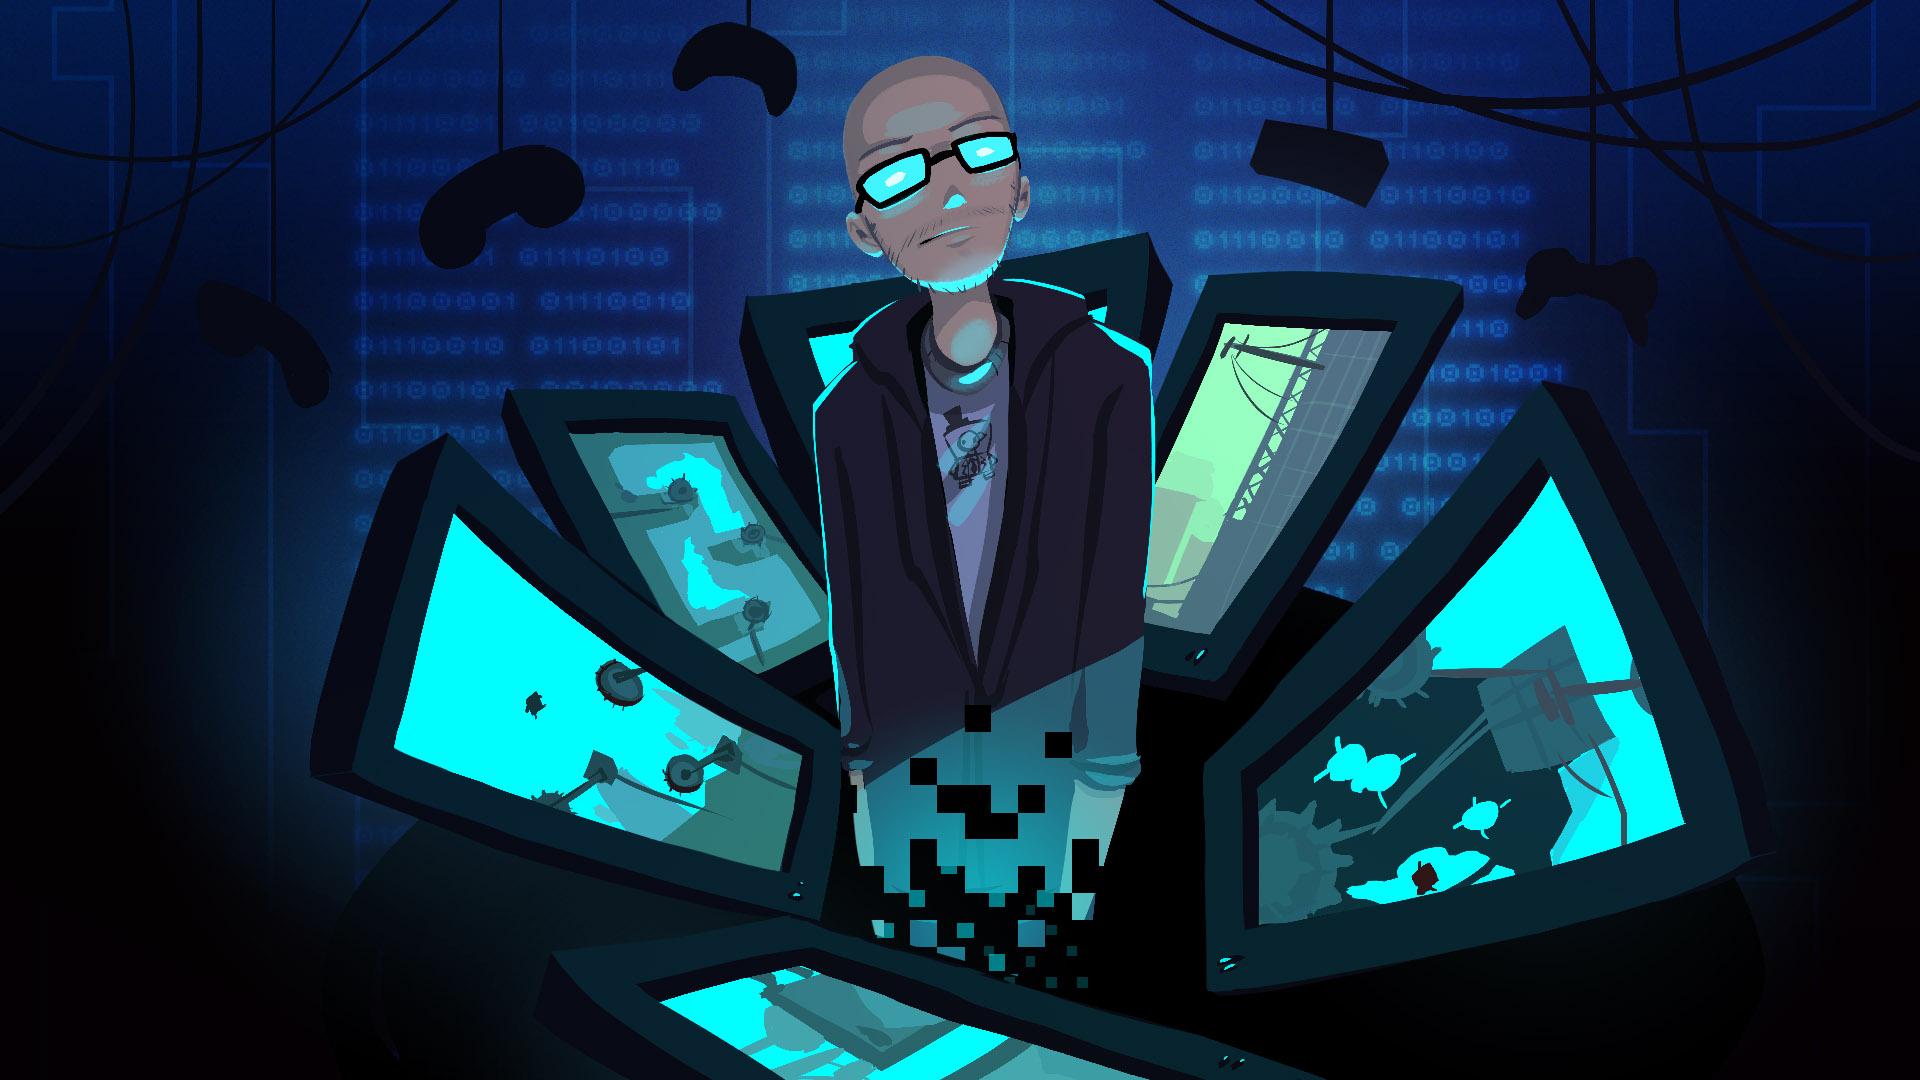 Разработчики инди-игр: кто это и как ими стать